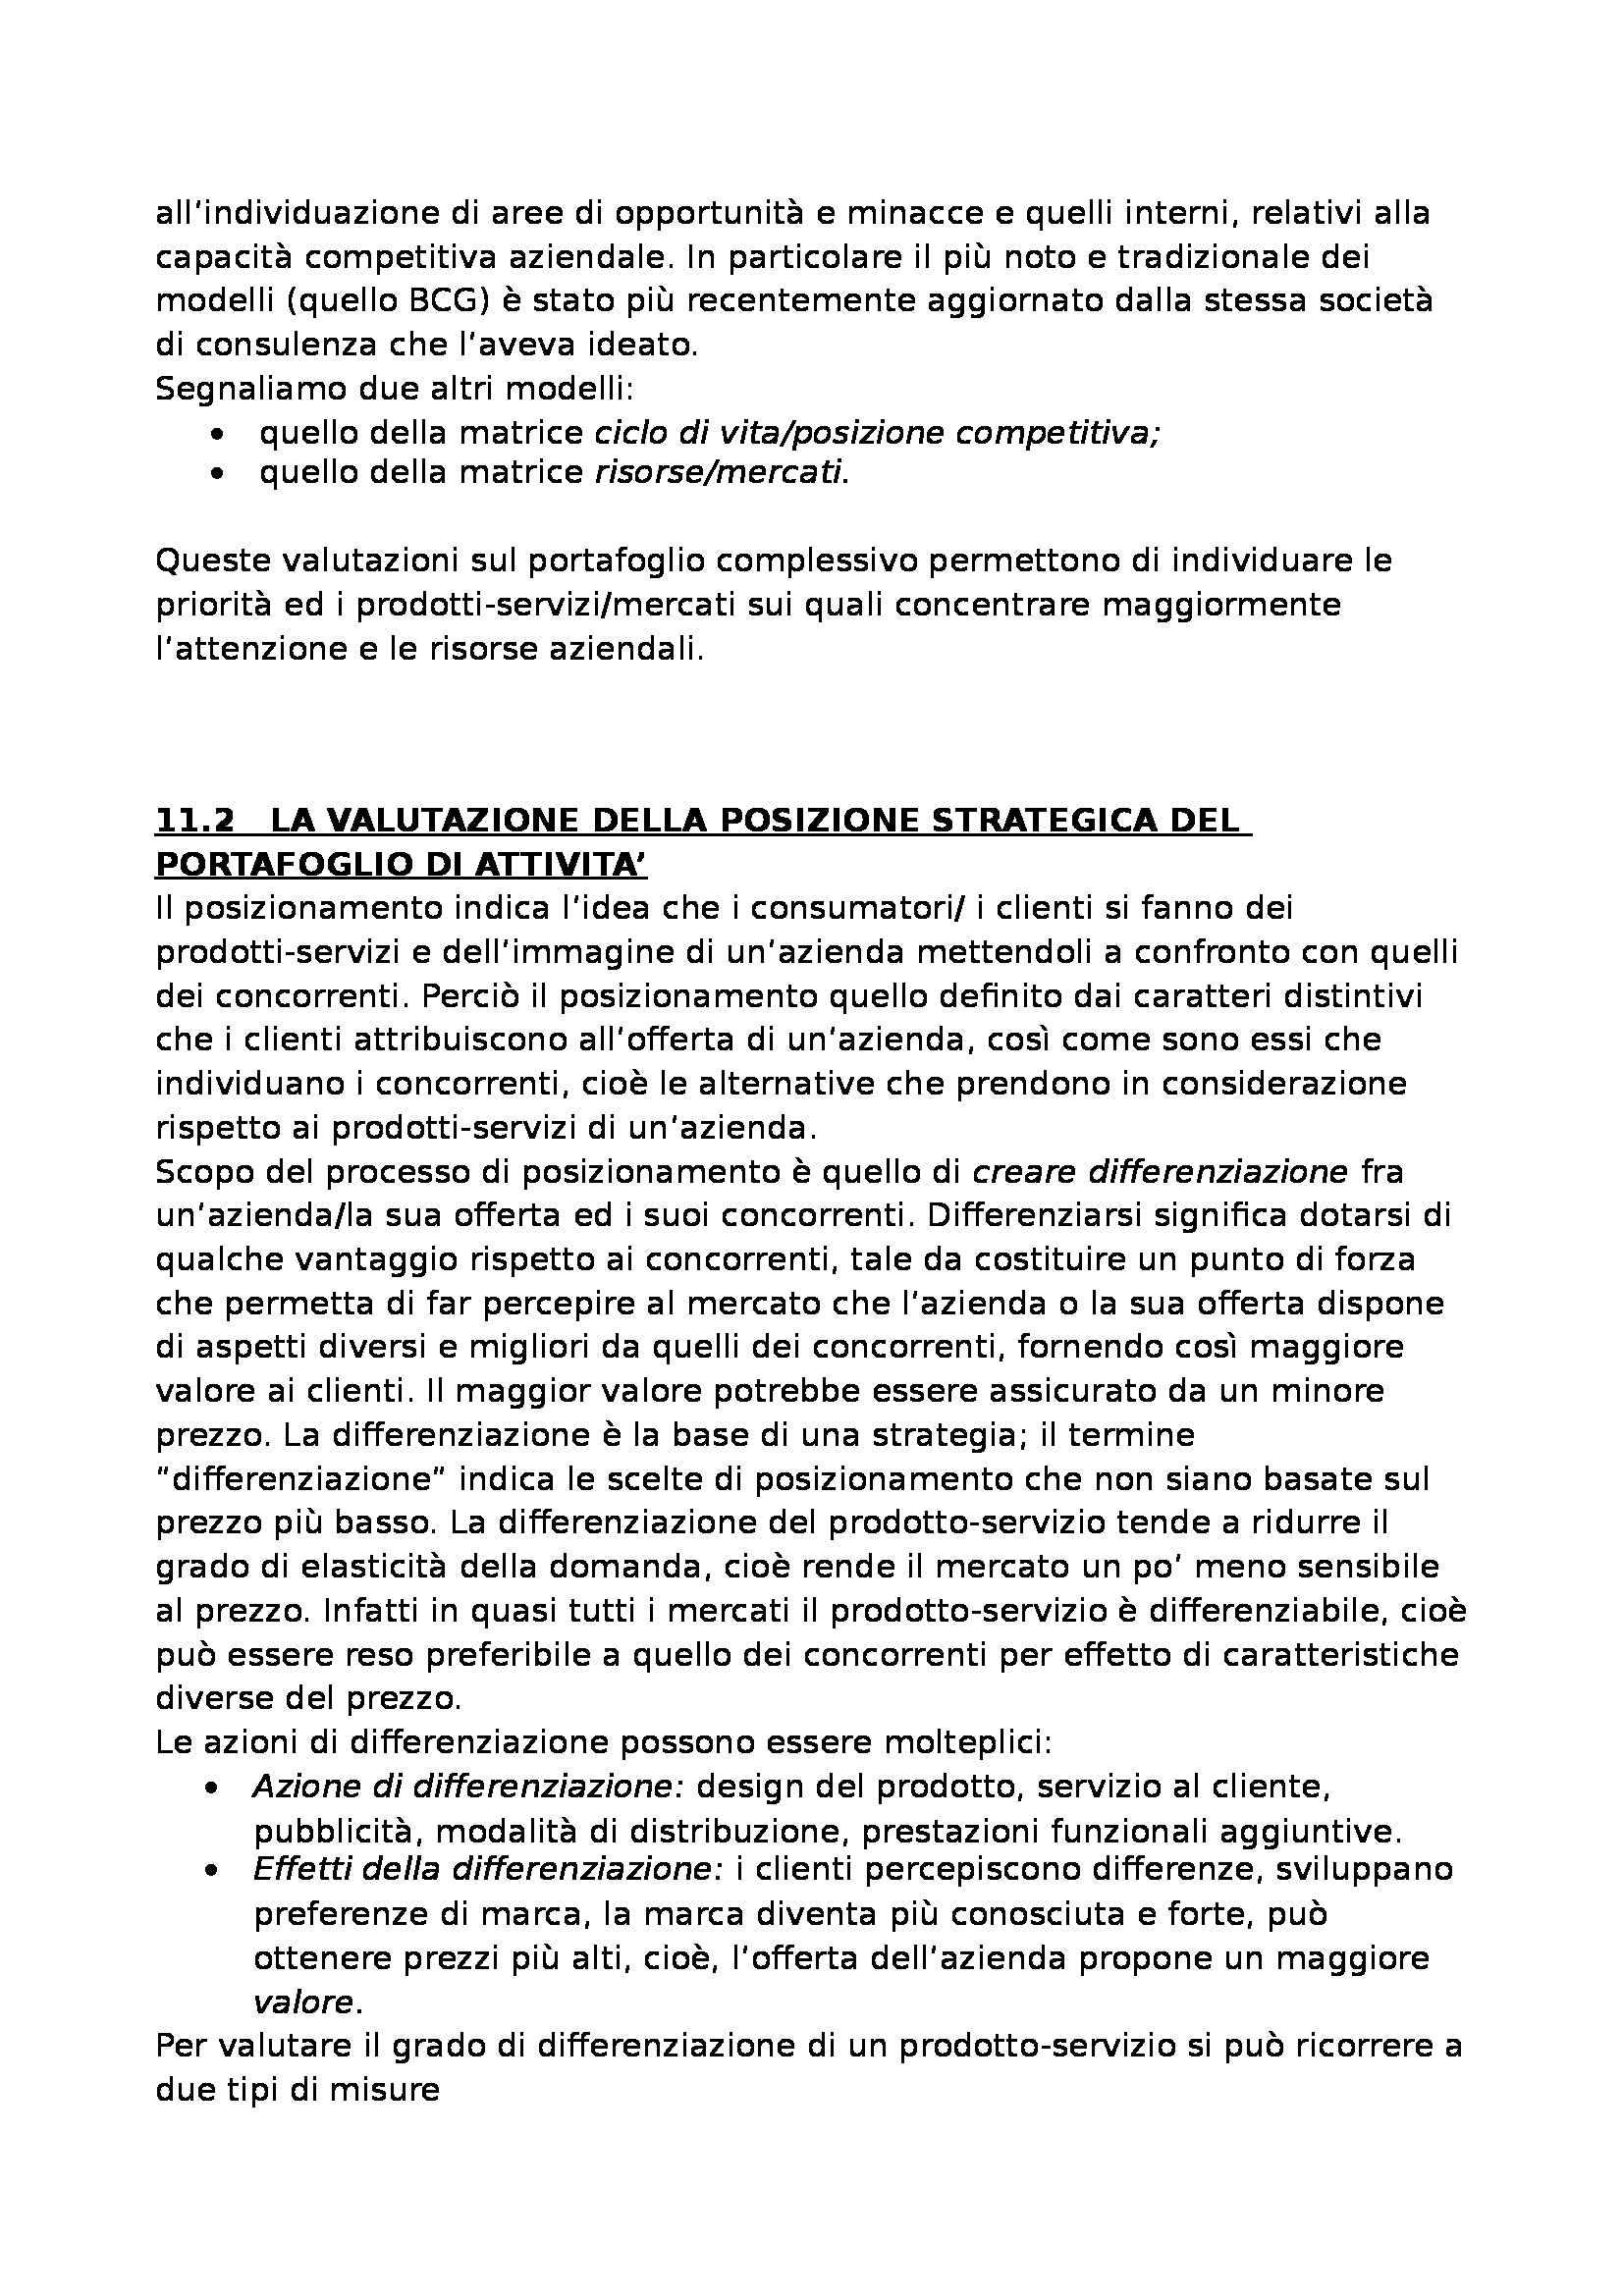 Riassunto esame Economia e Gestione delle Imprese, prof. Colurcio, libro consigliato Marketing del Prodotto-servizio, Raimondi Pag. 61